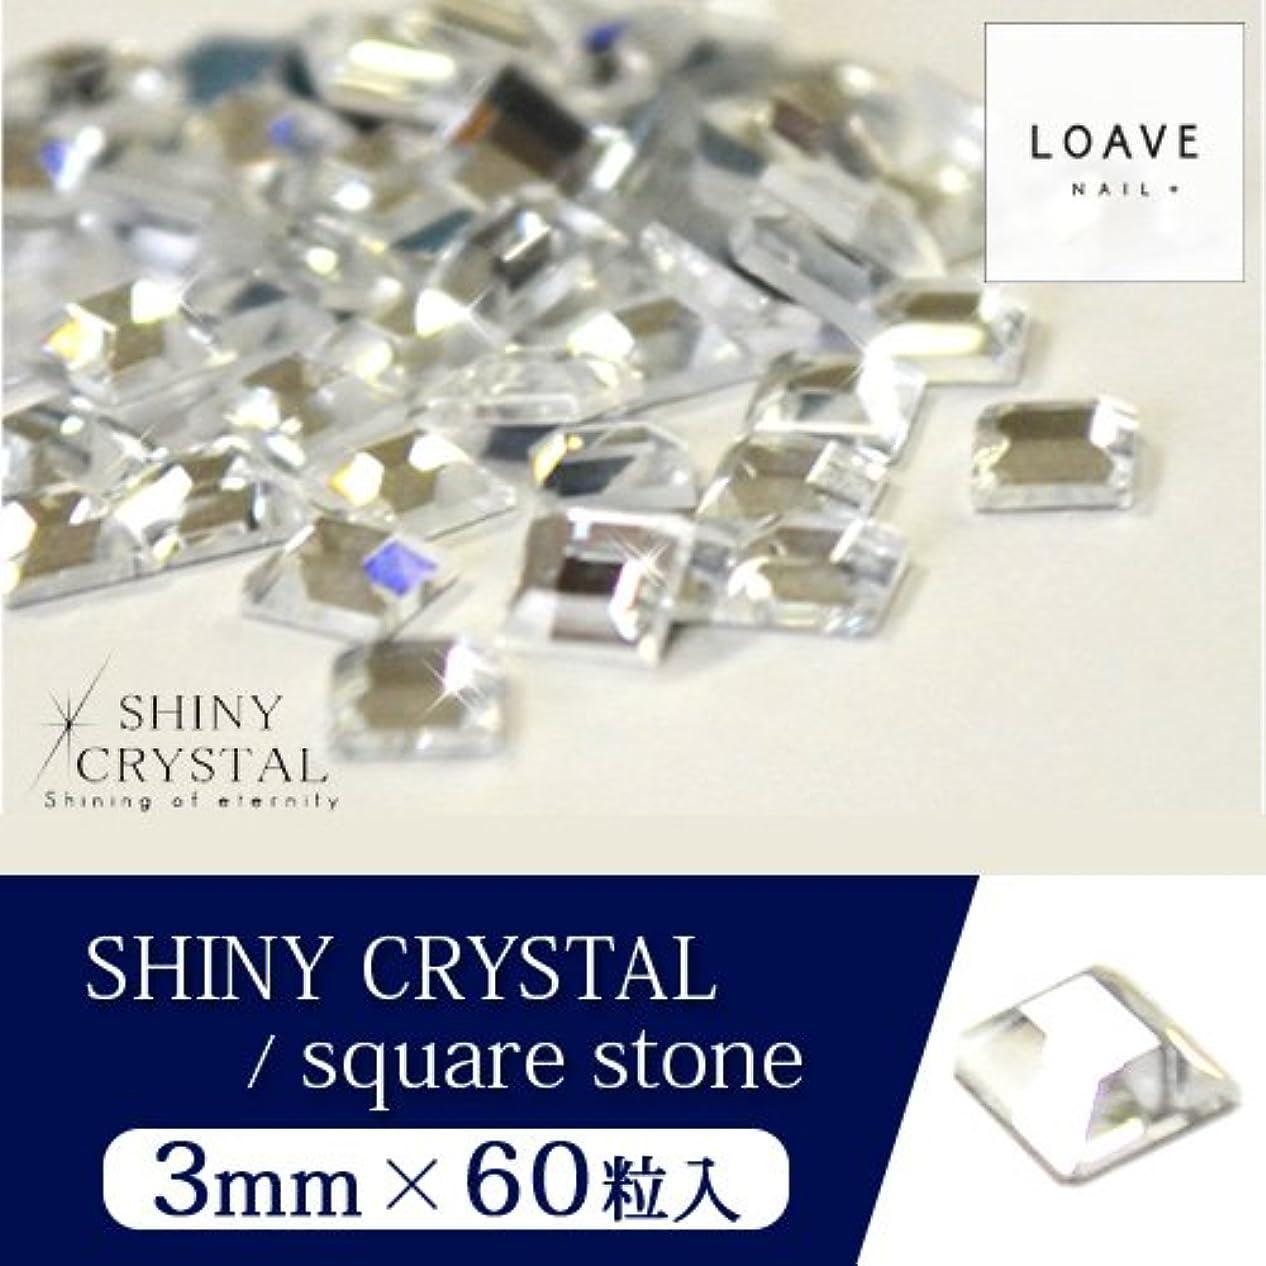 ブルーベル操るソーセージシャイニークリスタル(SHINY CRYSTAL) ラインストーン 「スクエア クリスタル 3mm」 スワロフスキーに限りなく近い輝き!